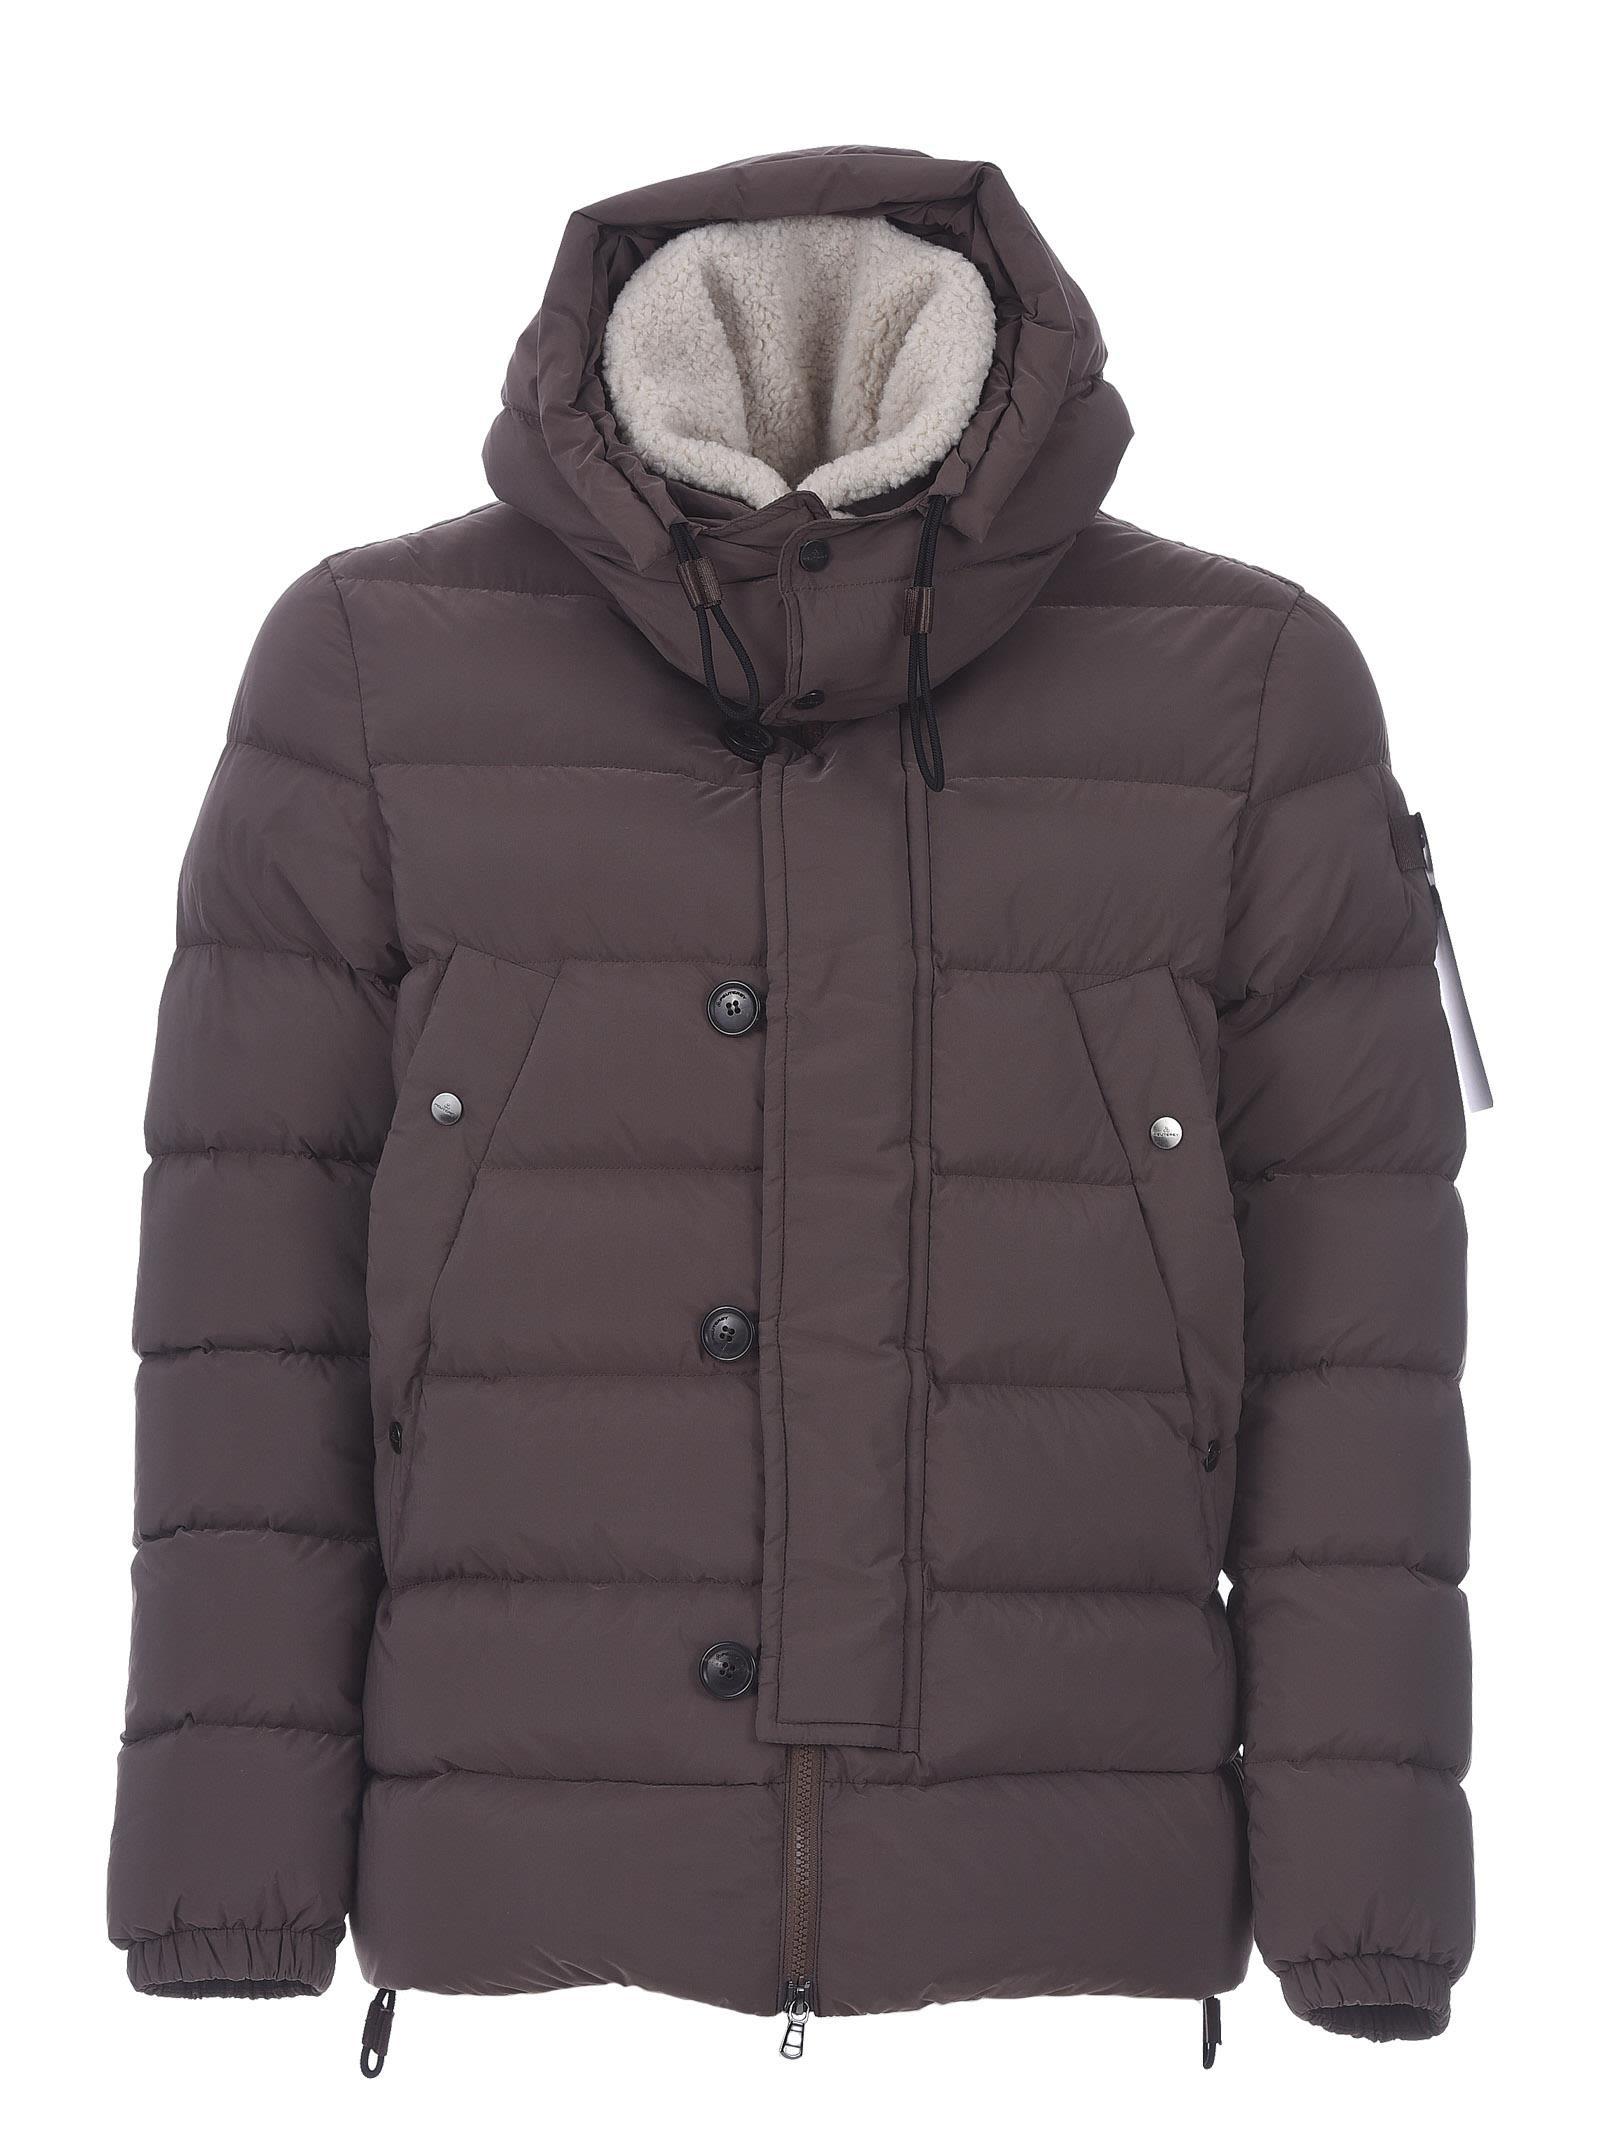 Peuterey Down Jacket Gripen Eco Fur